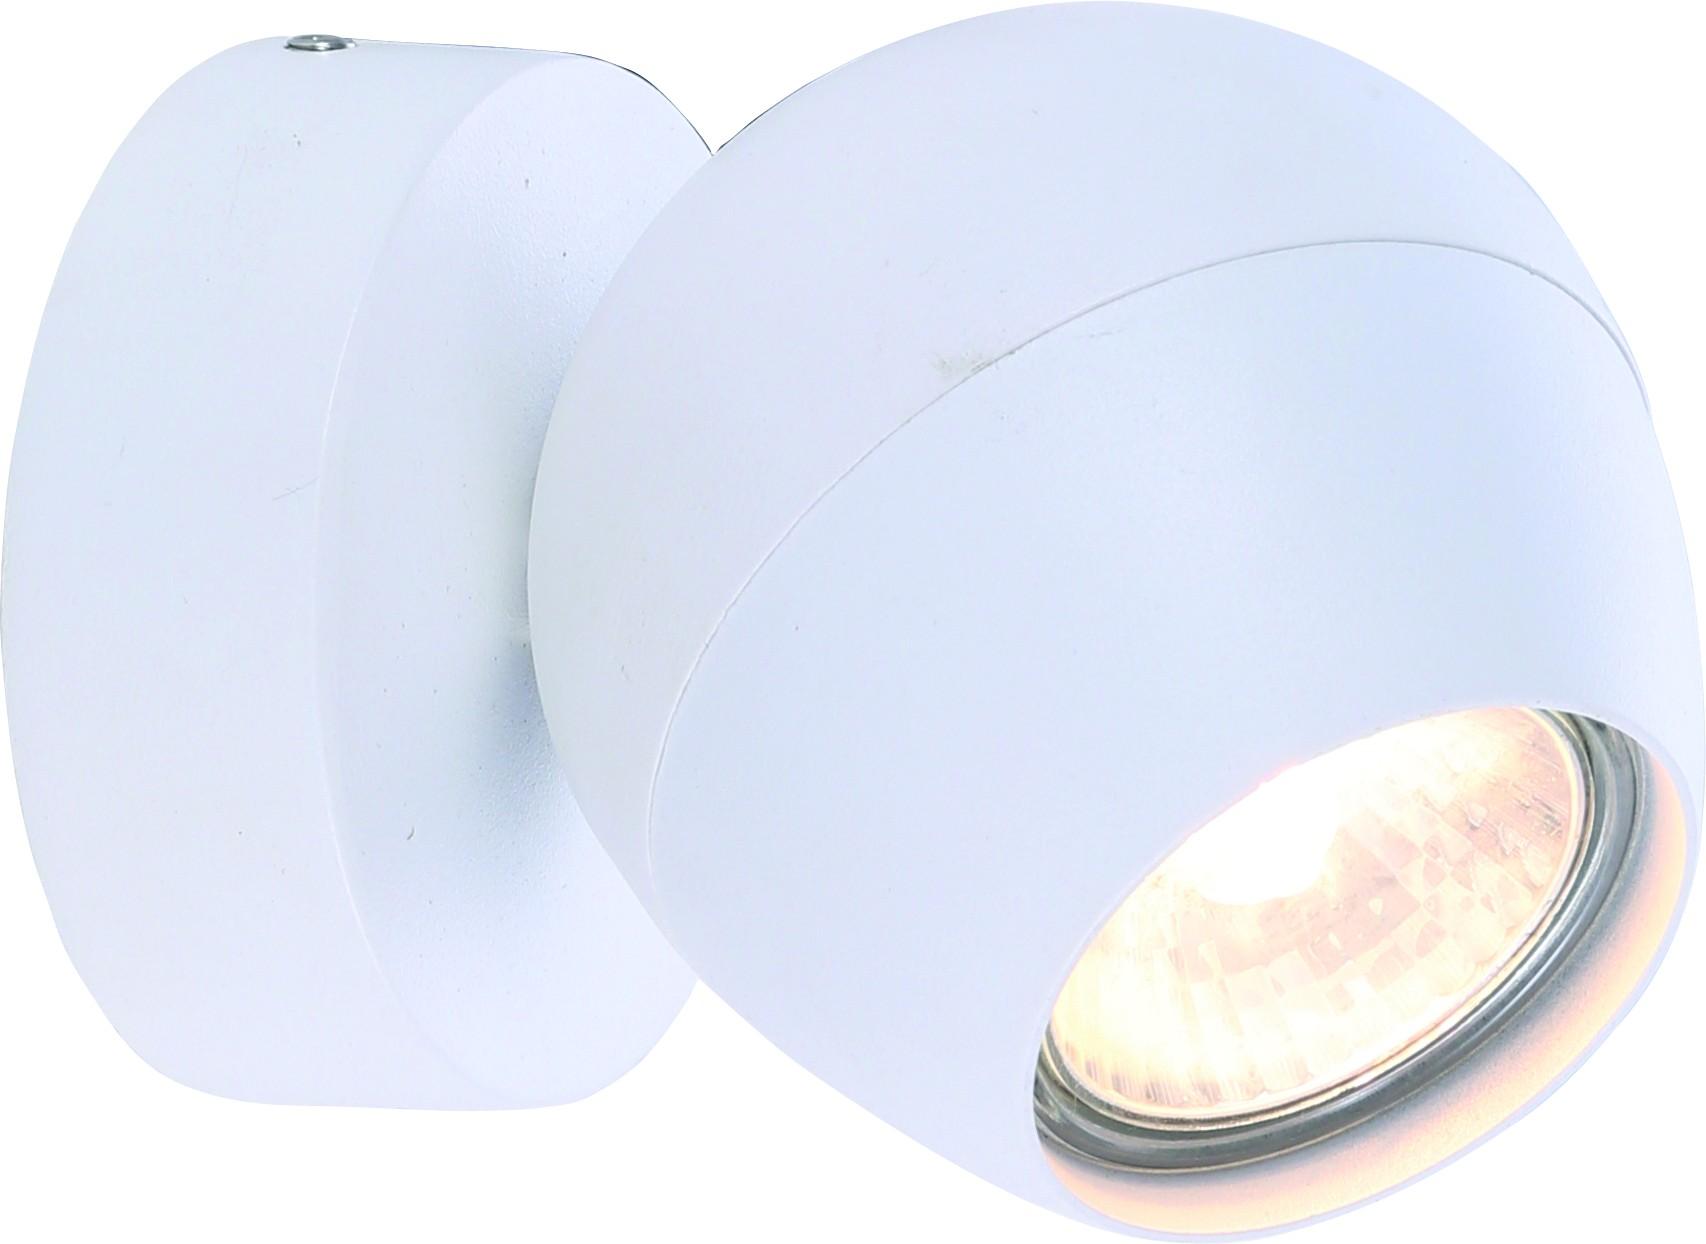 Спот Arte lamp A5781ap-1wh